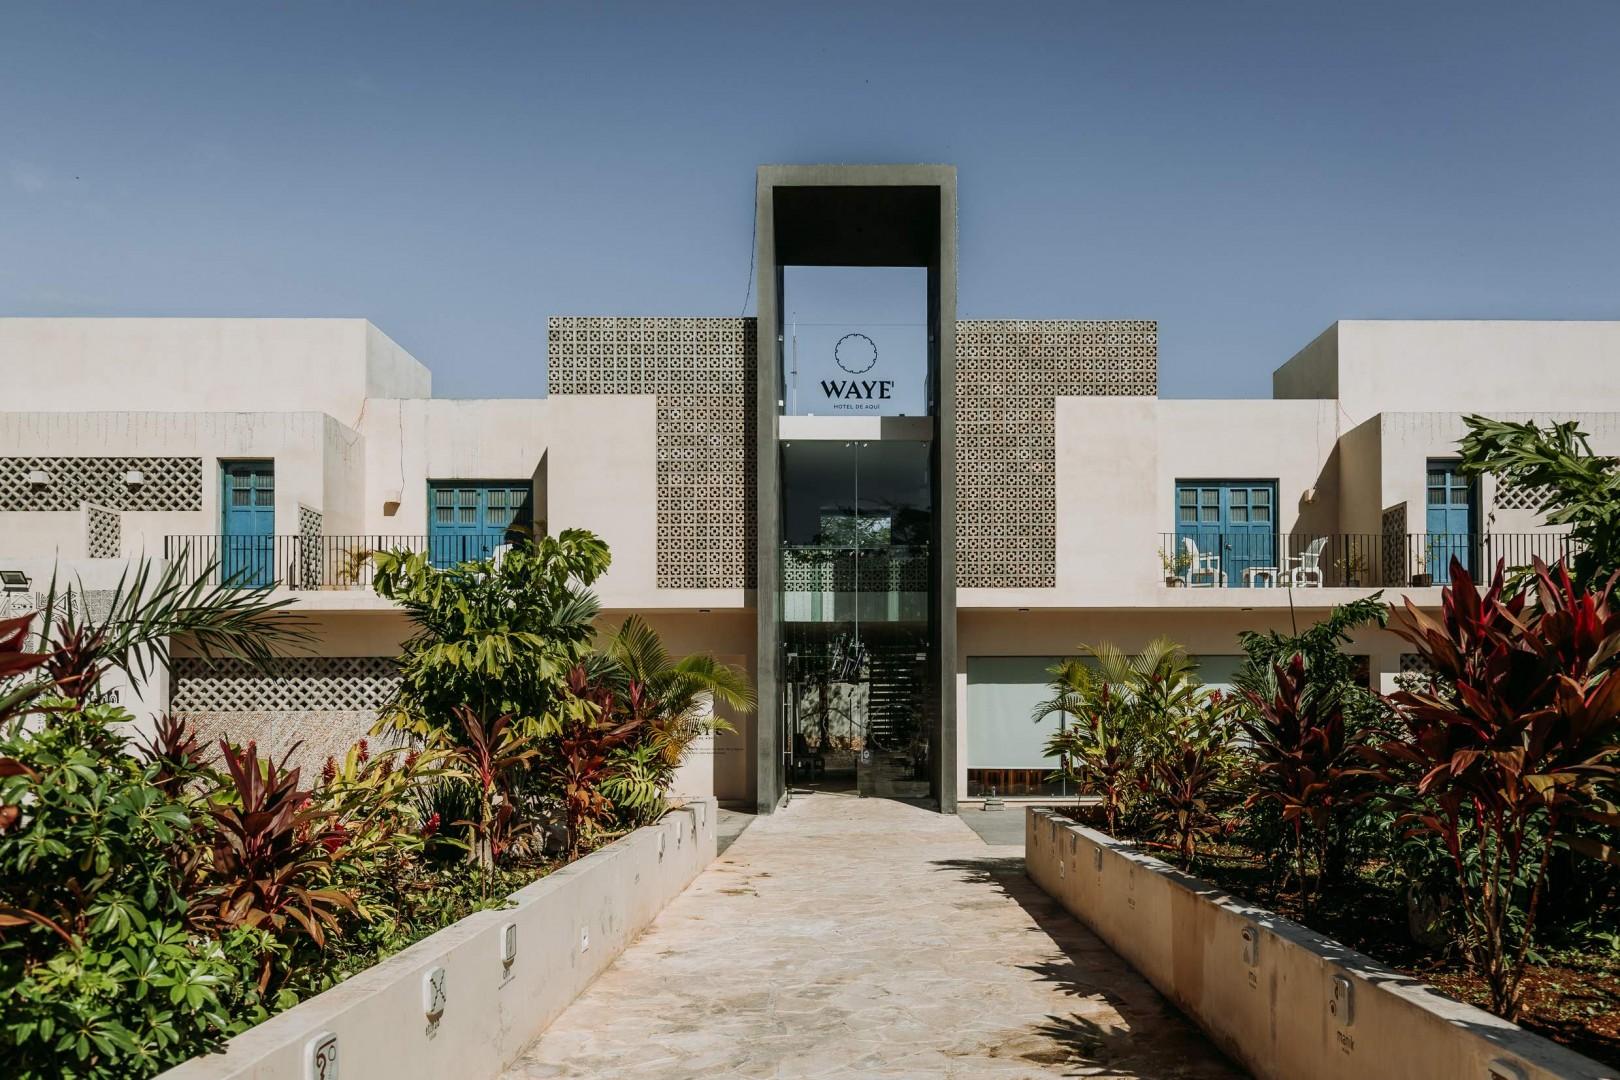 Hotel WAYE' - Un alojamiento conceptual en Valladolid, Yucatán